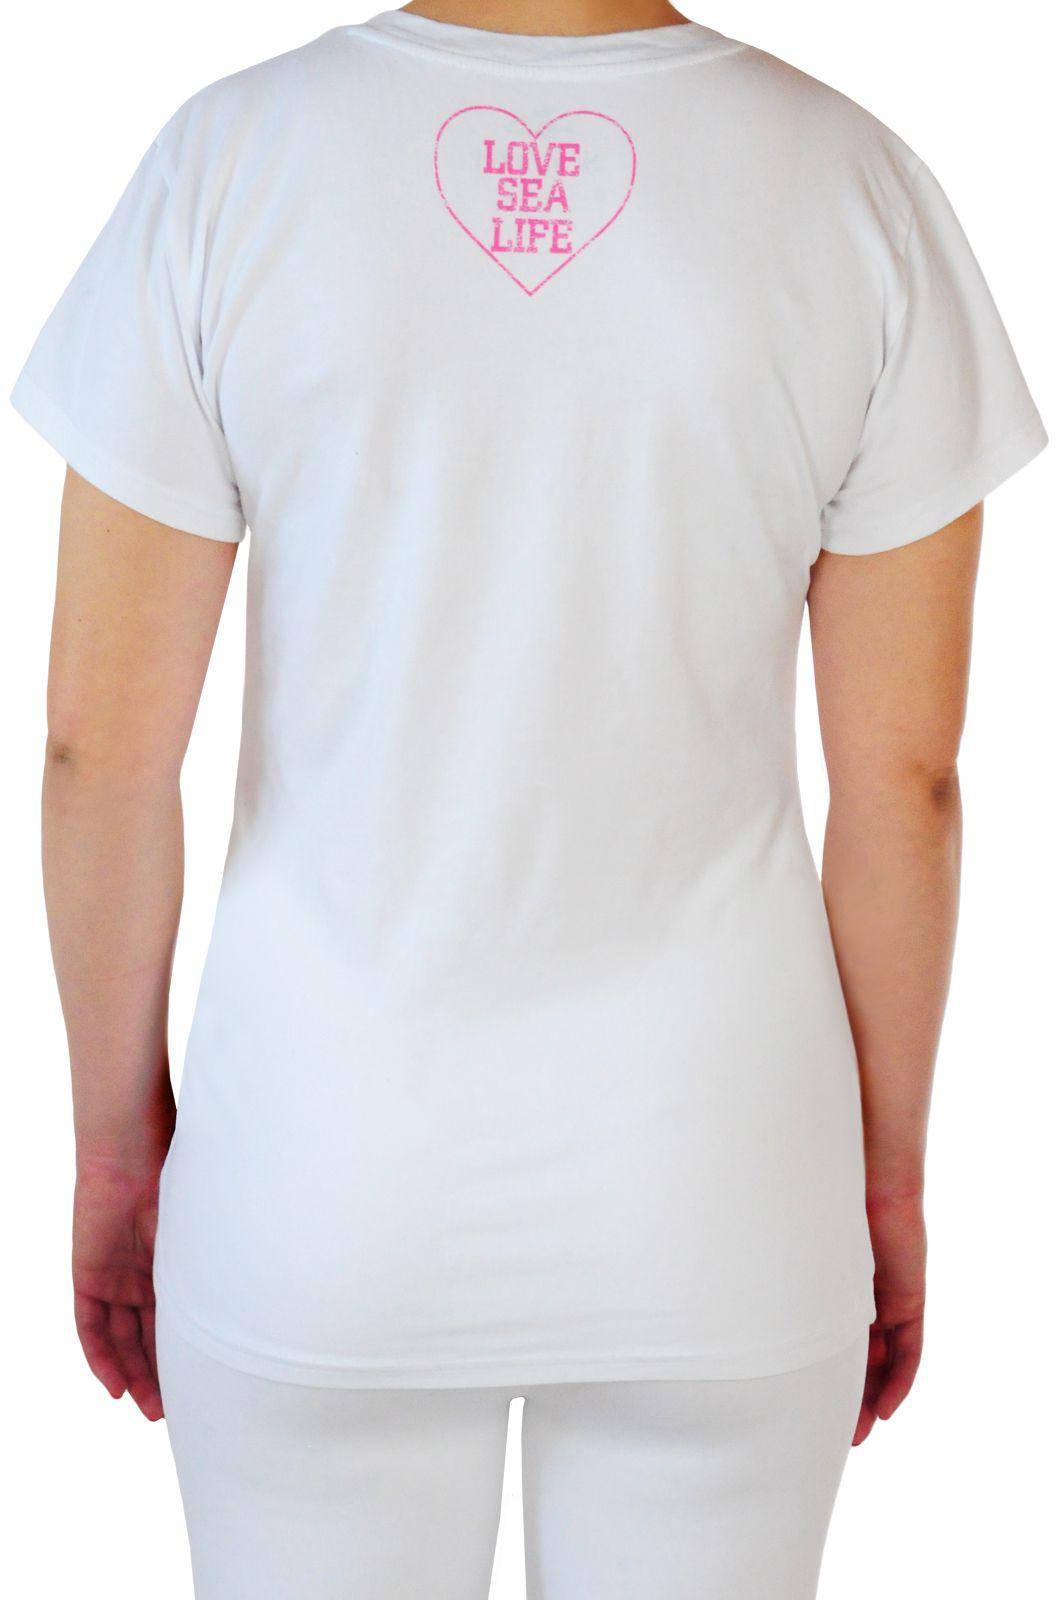 Модная женская футболка от Sea World® (США) - вид сзади